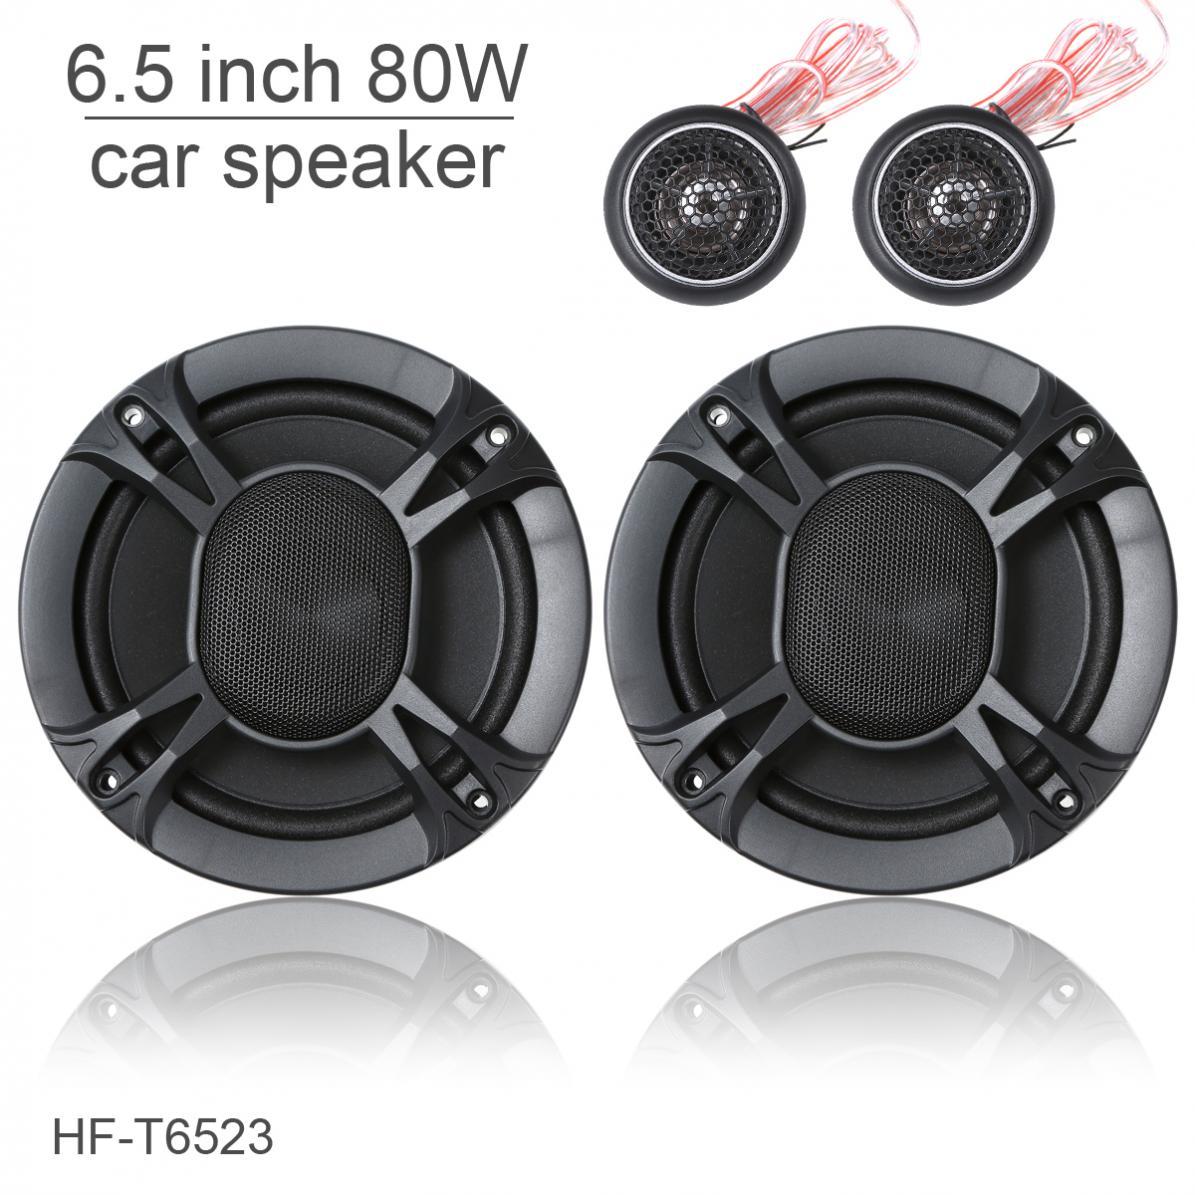 HF-T6523 un ensemble 6.5 pouces 80 W voiture Coaxial gamme complète fréquence haut-parleur stéréo avec Tweeter et diviseur de fréquence